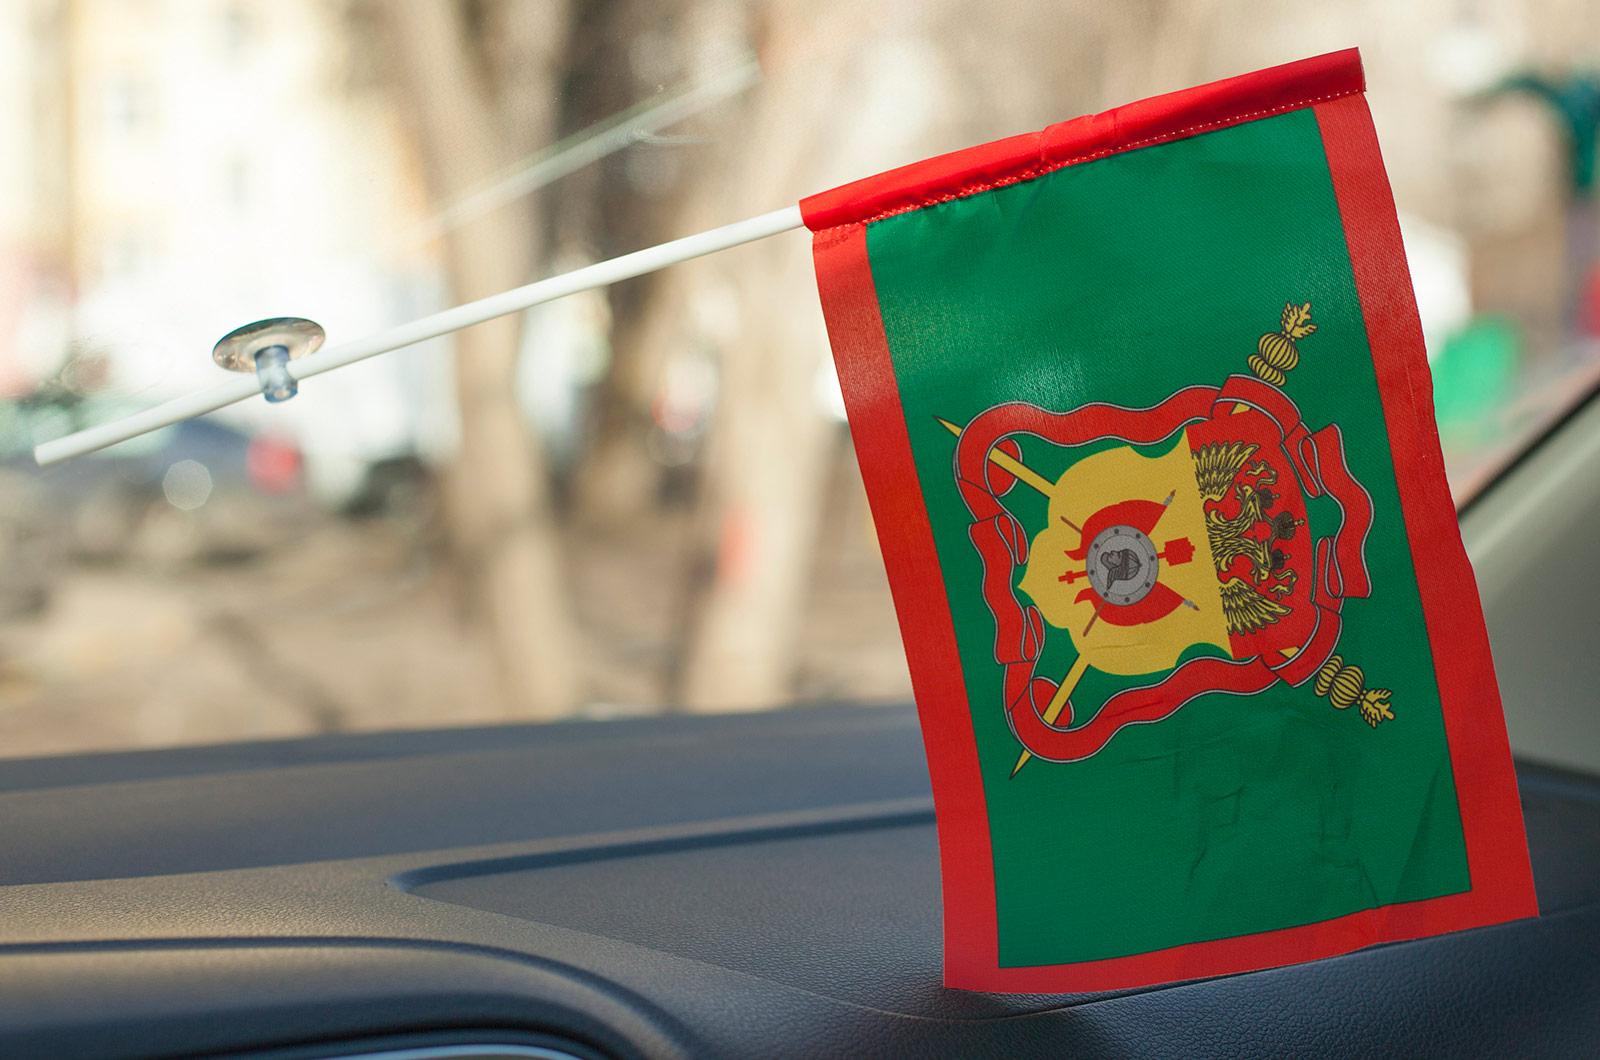 Флажок в машину с присоской Сибирское казачье войско